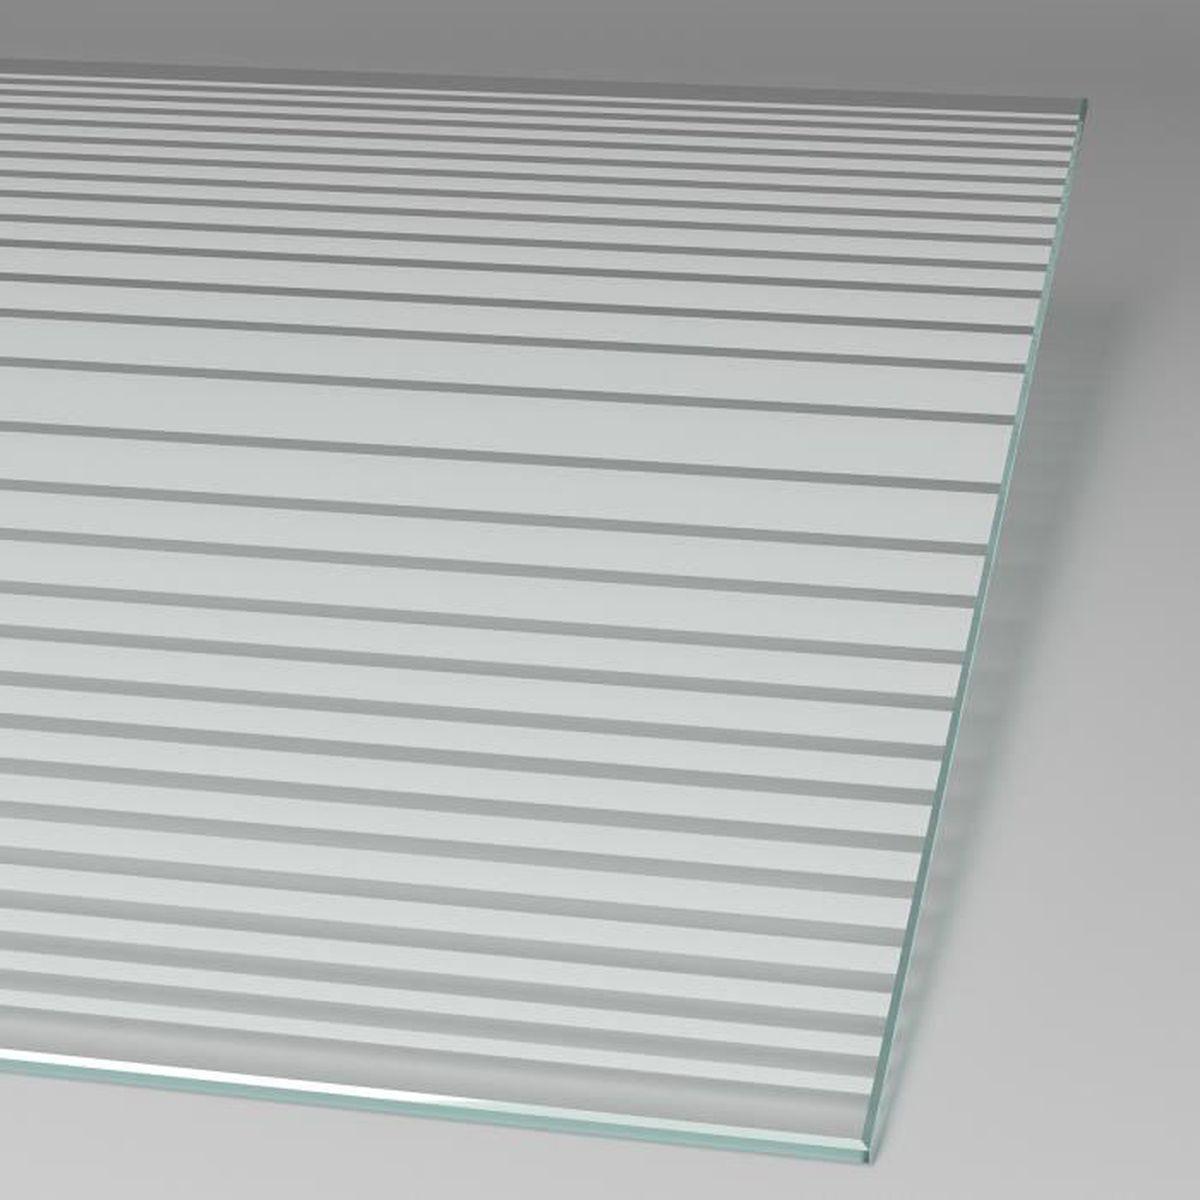 Verre de s/écurit/é 90 x 185 cm Schulte Porte de Douche coulissante en Niche paroi de Douche r/éversible avec d/écor Rayures Horizontales profil/és Blancs